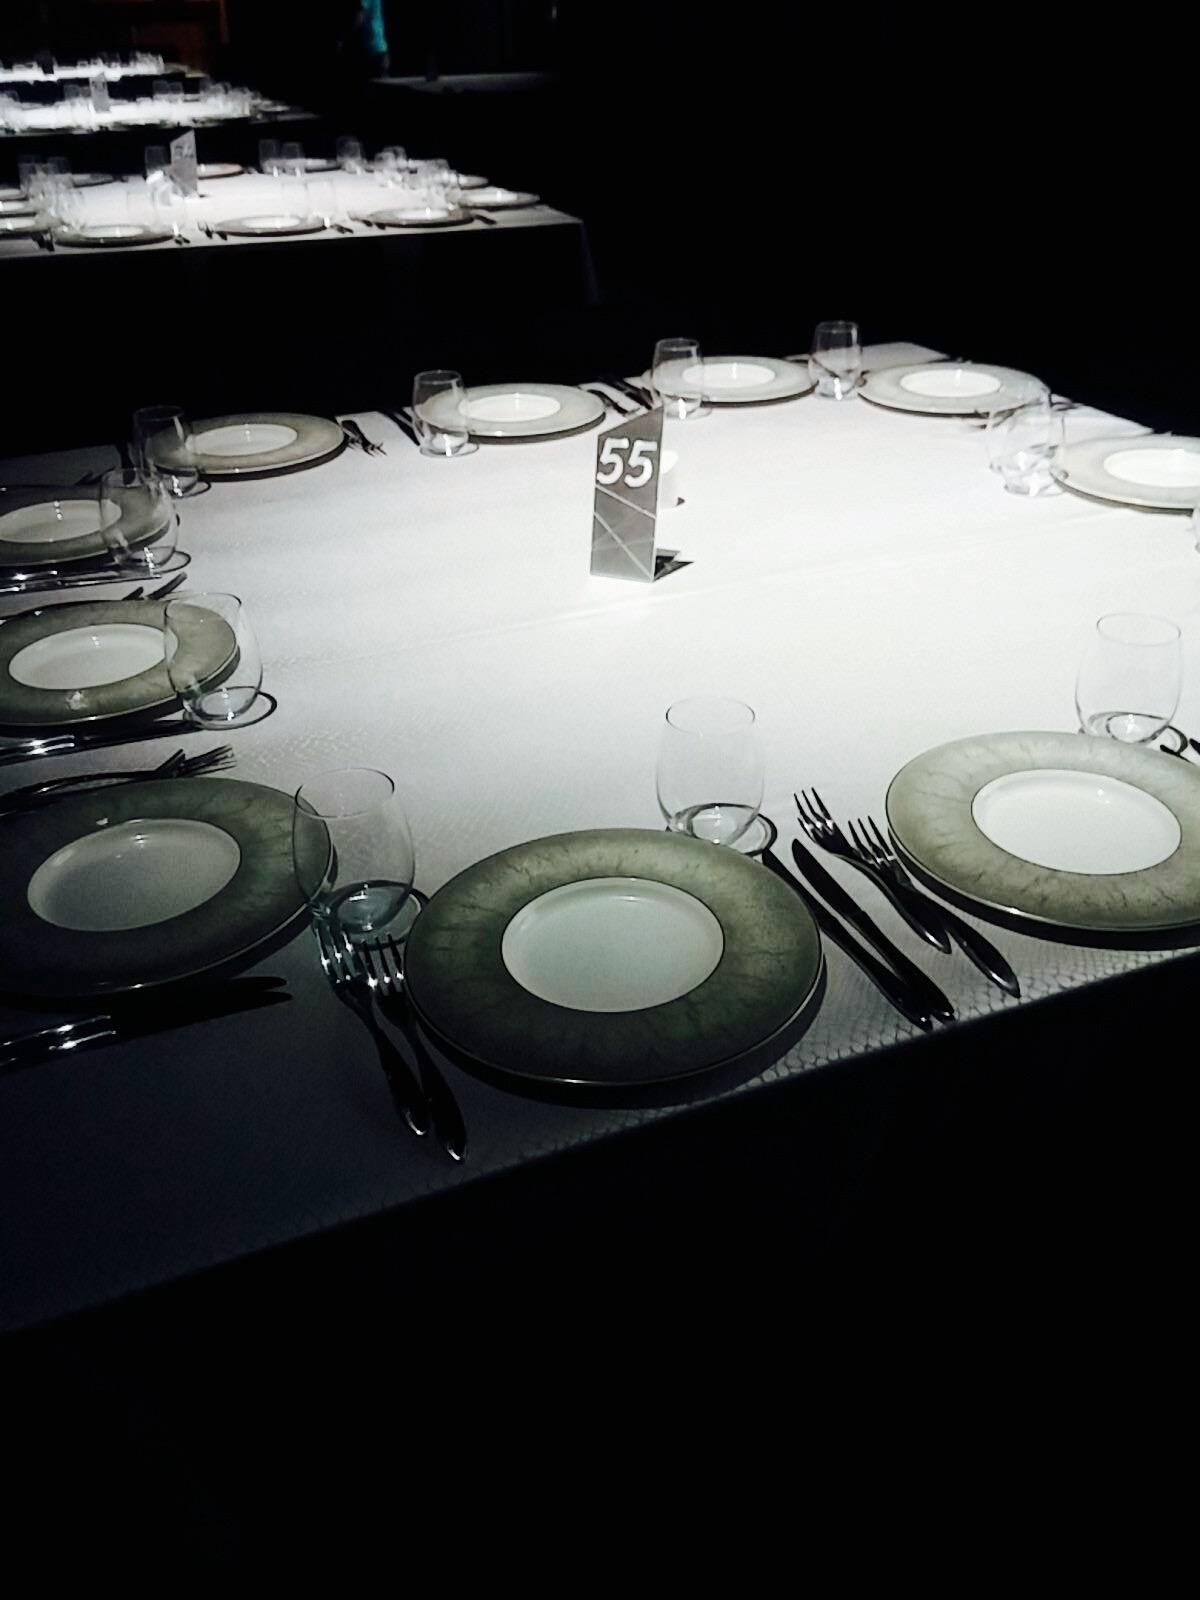 מספרי שולחן לאולמות מאלמינים